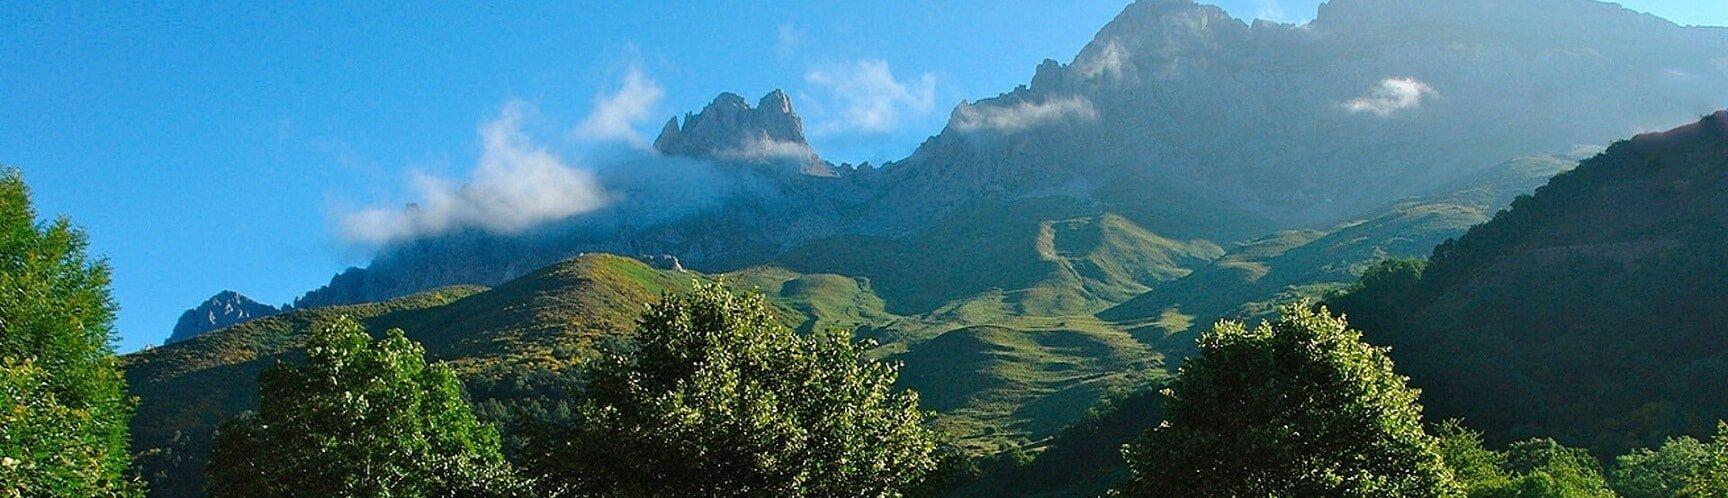 Alojamientos Vacacional Camping El Cares Picos De Europa